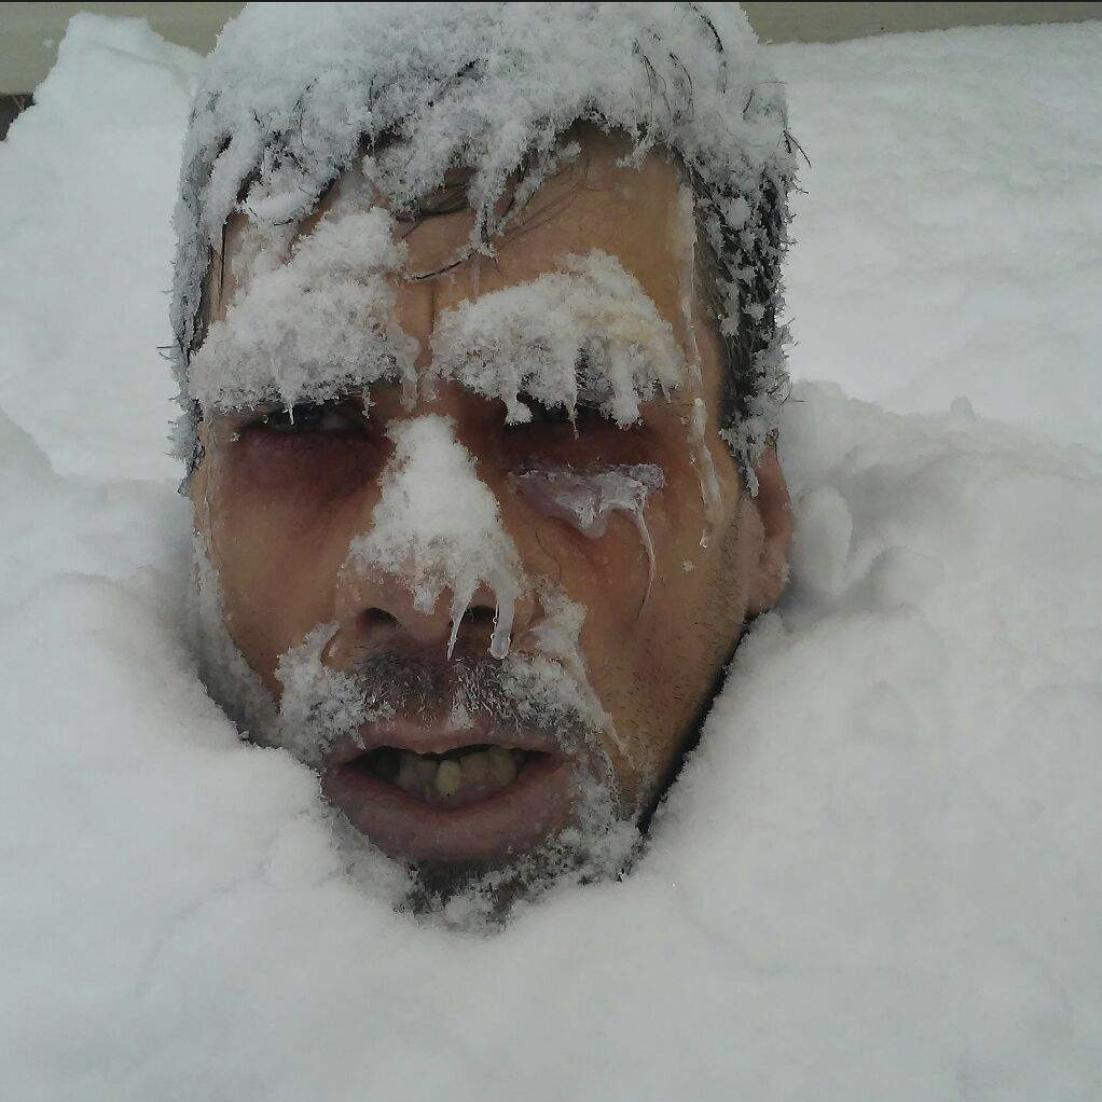 фото замерзших людей многие